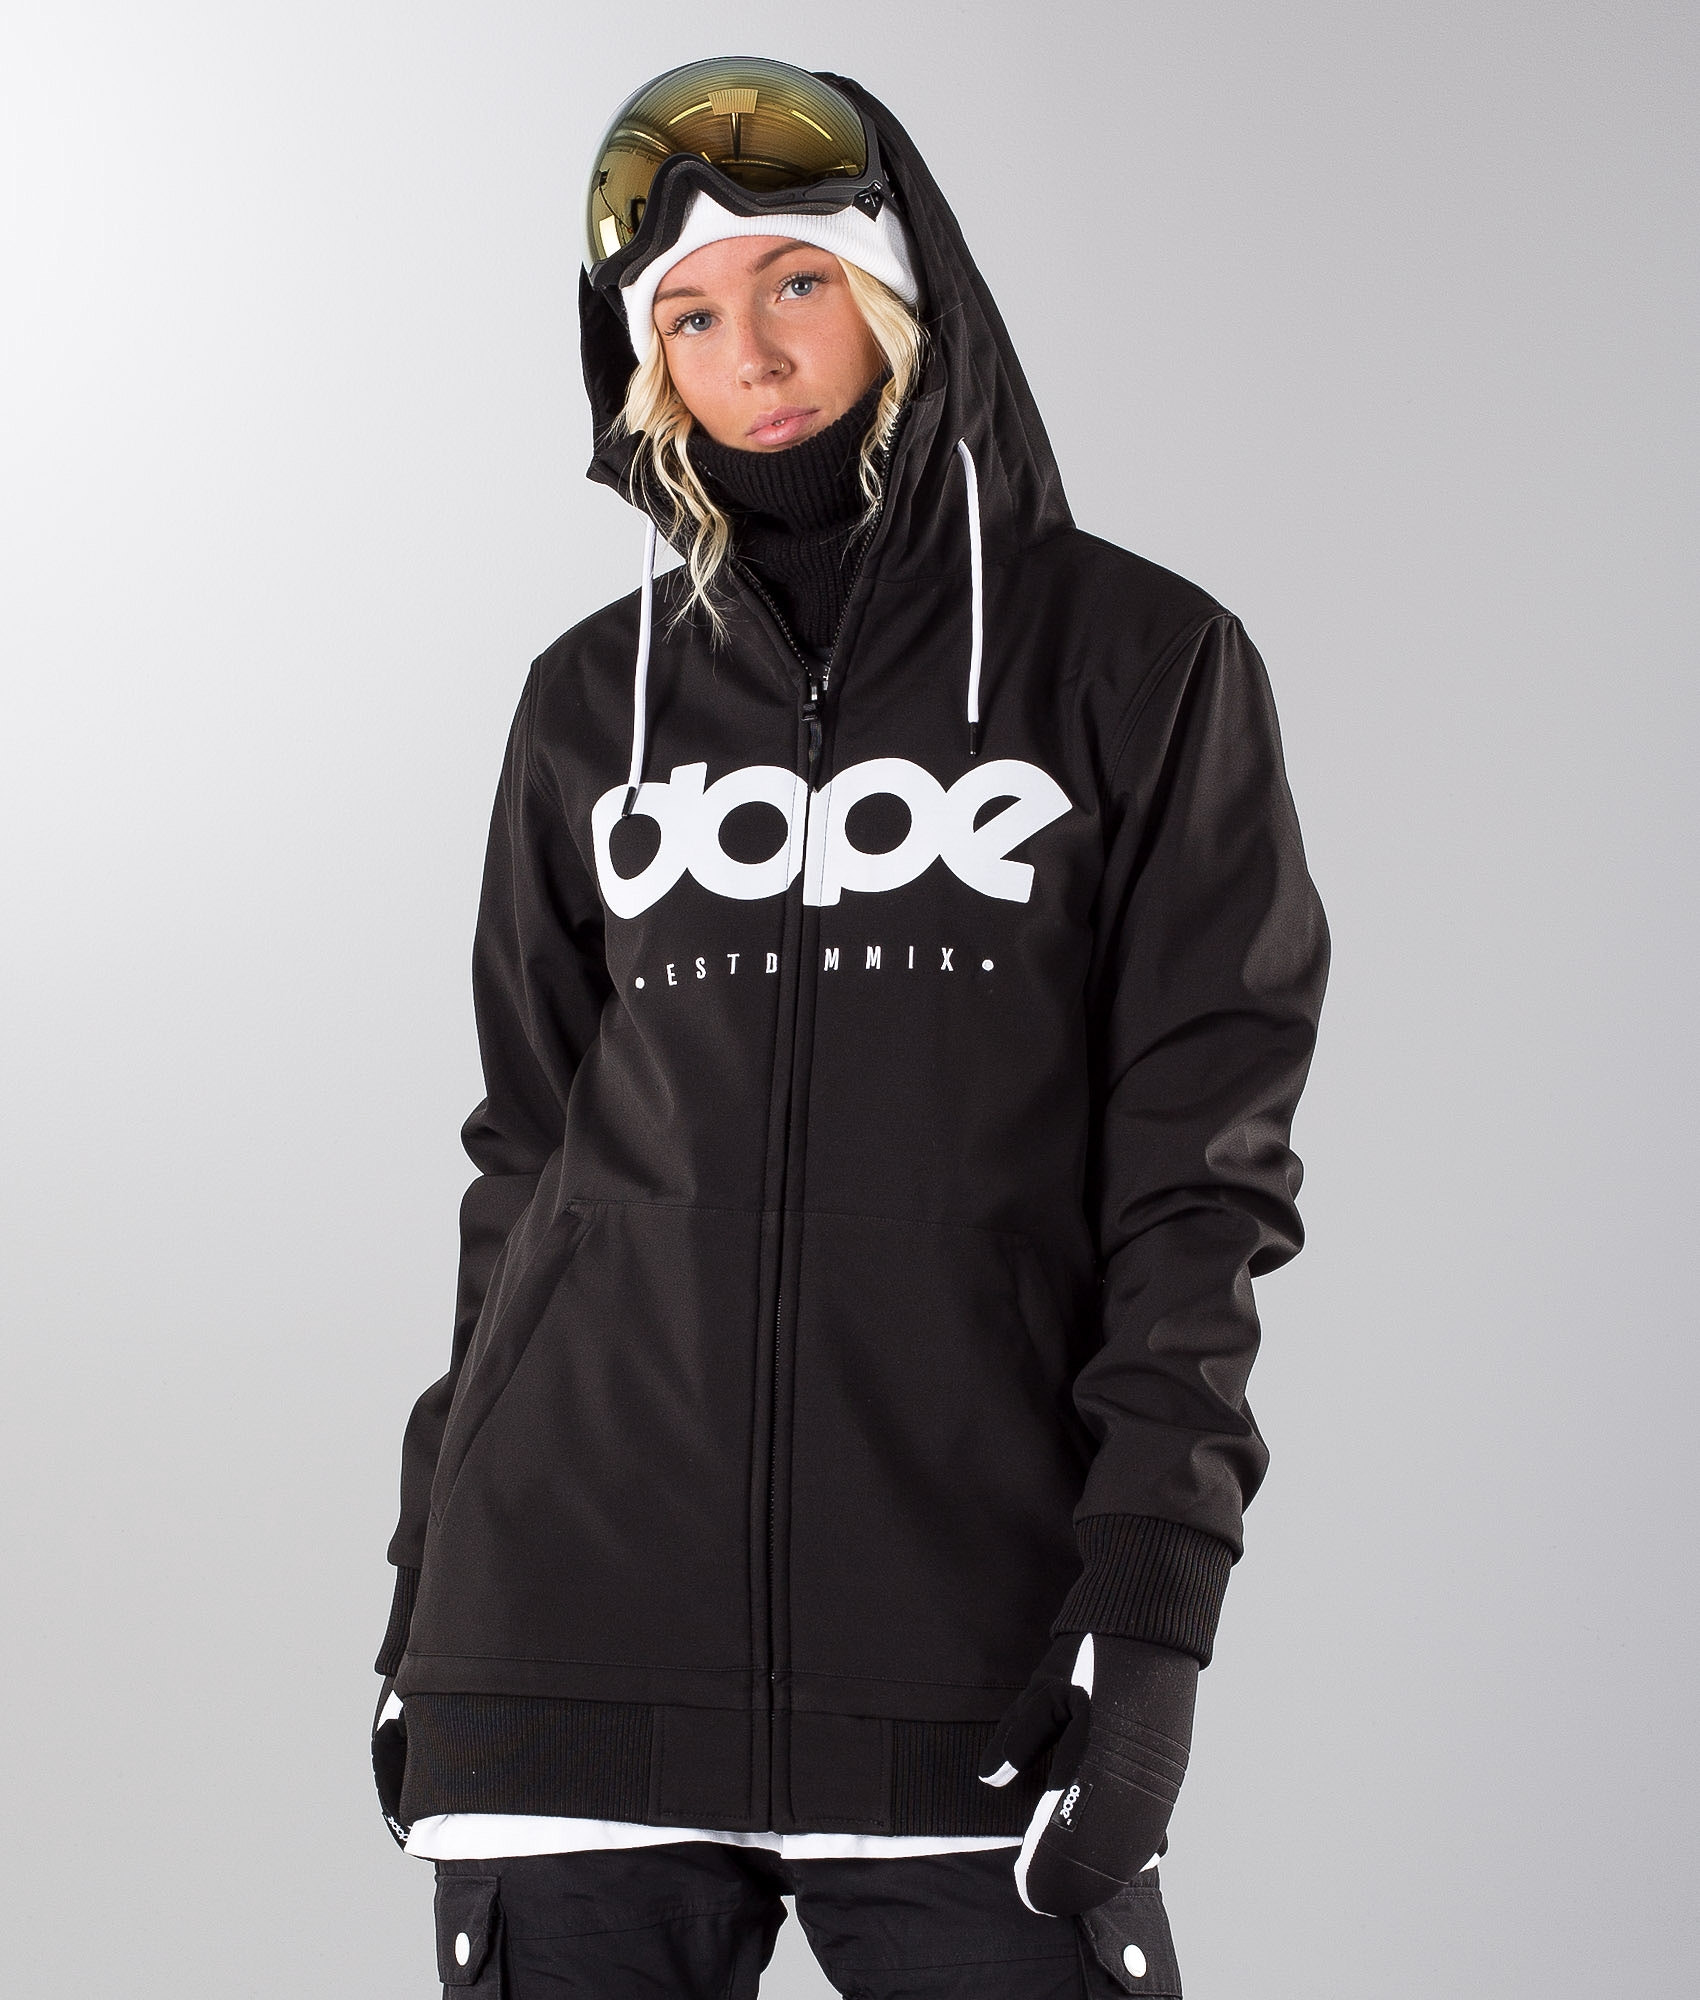 Winterjas Vrouw.Ski Jas Dames Snelle Gratis Verzending Ridestore